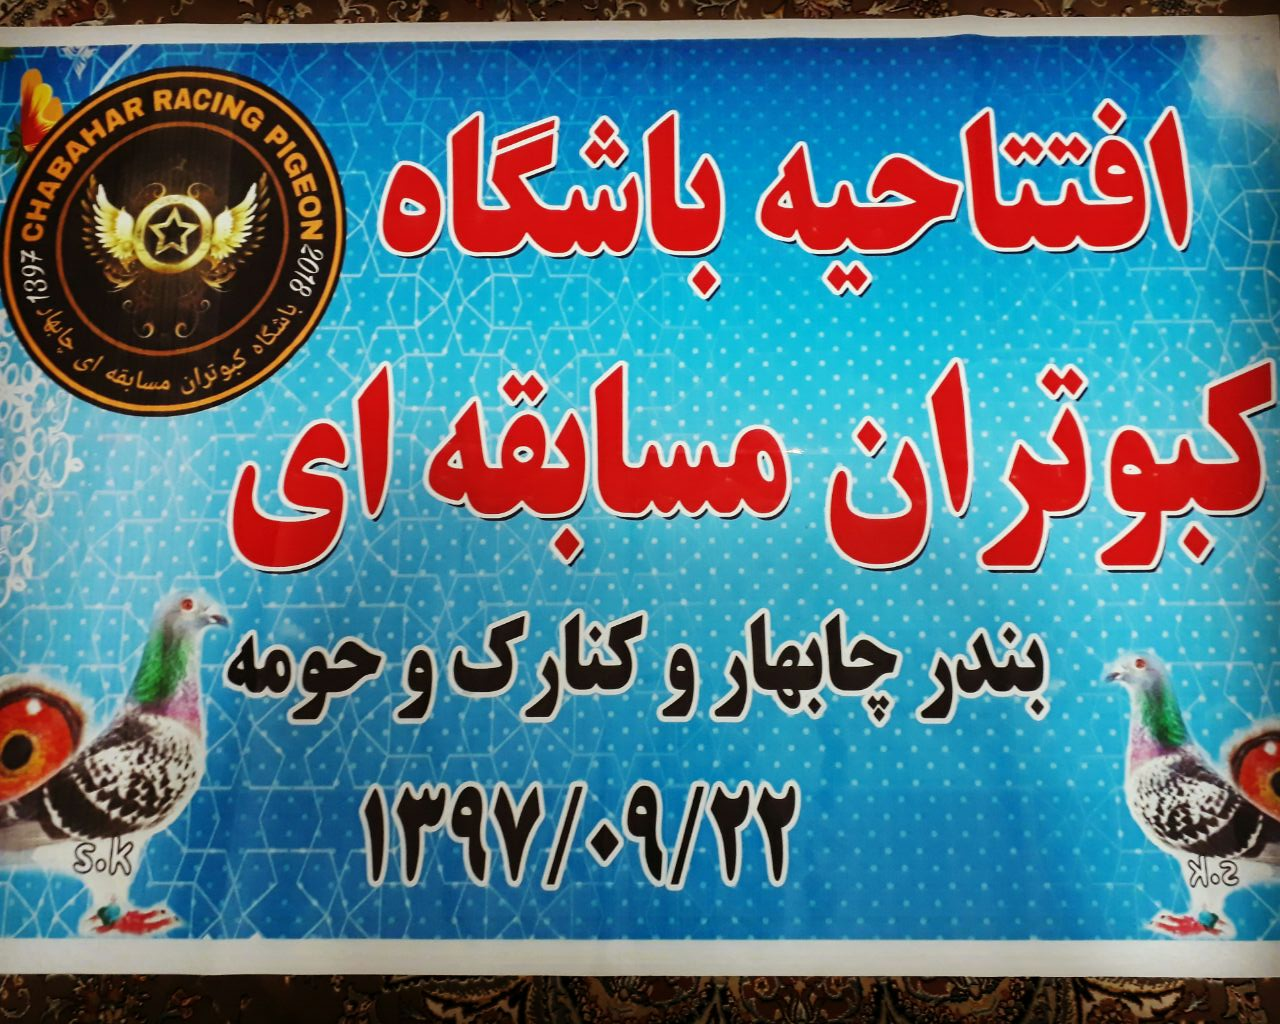 باشگاه کبوتران مسابقه اي بندر چابهار وکنارک